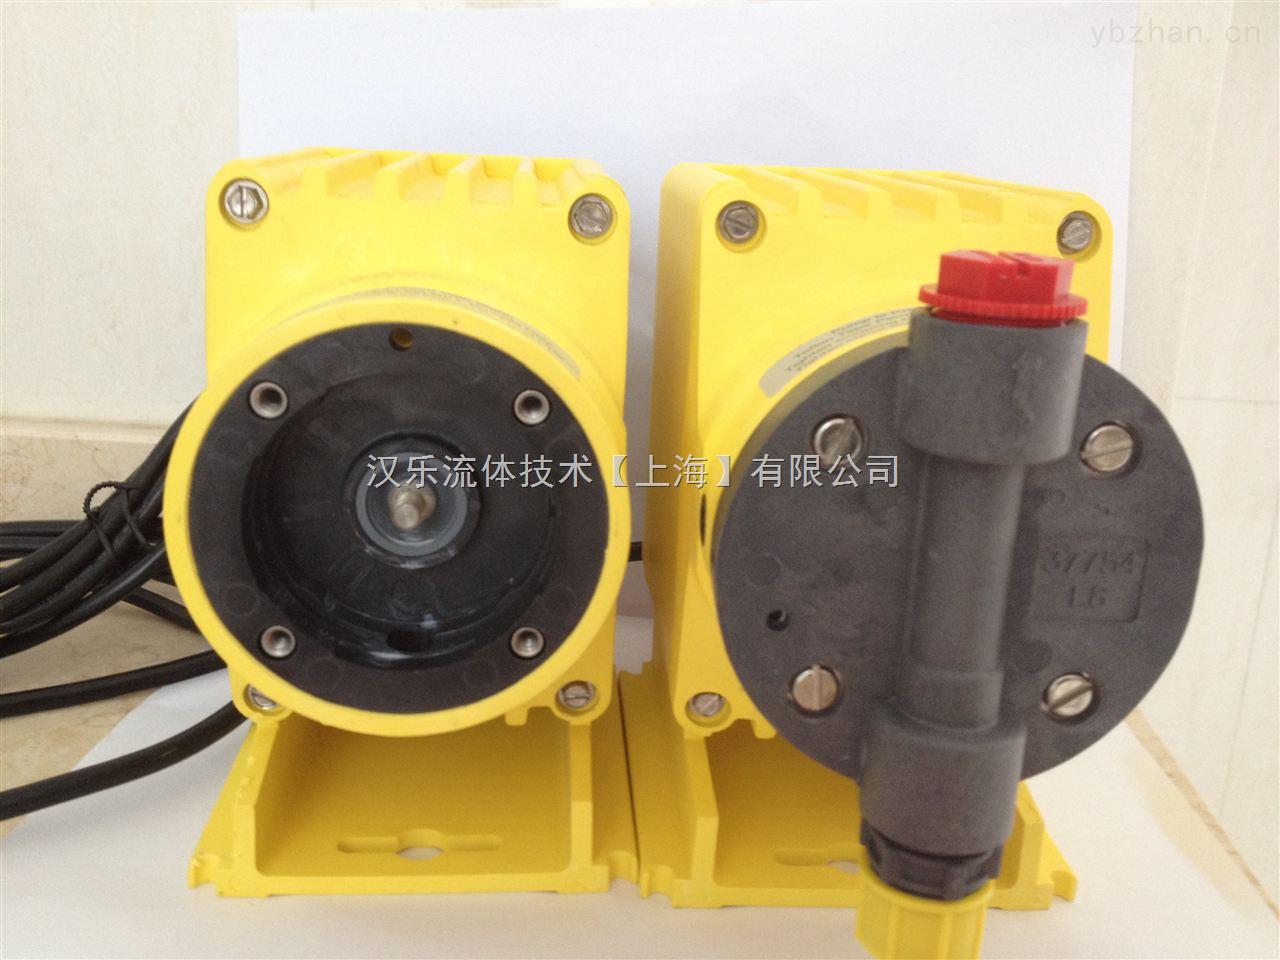 供应米顿罗电磁隔膜计量泵b736-368ti